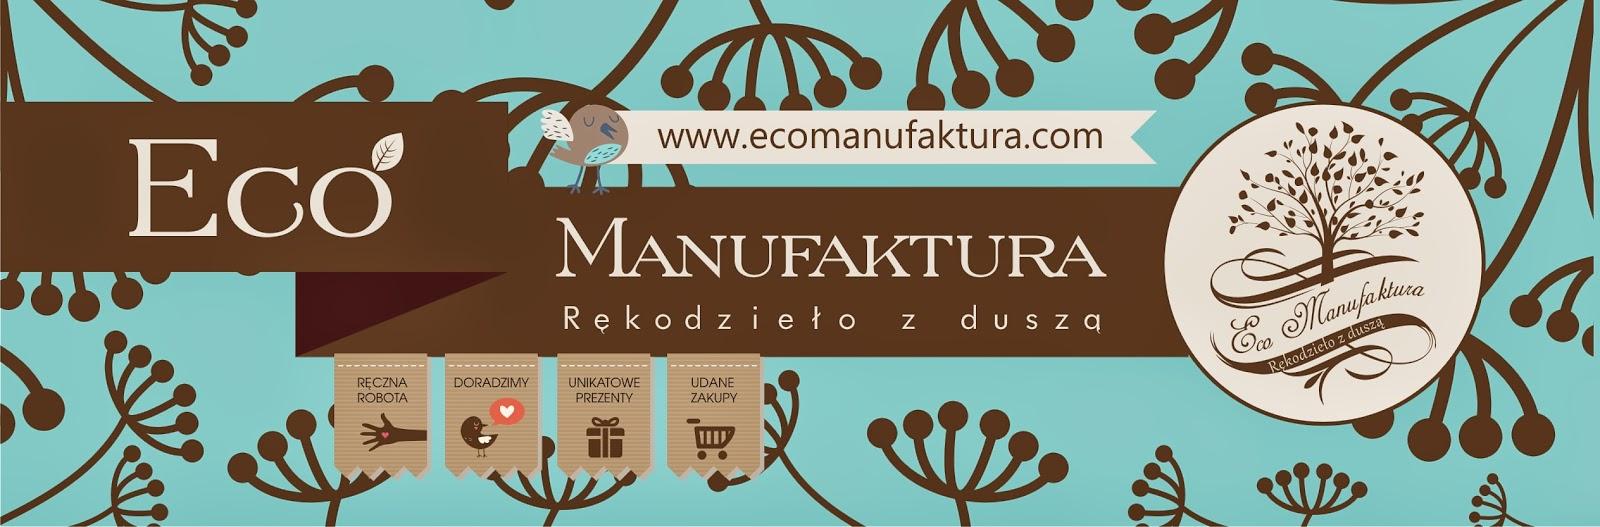 baner Eco Manufaktura - nowa identyfikacja graficzna pracowni rękodzieła i decoupage.